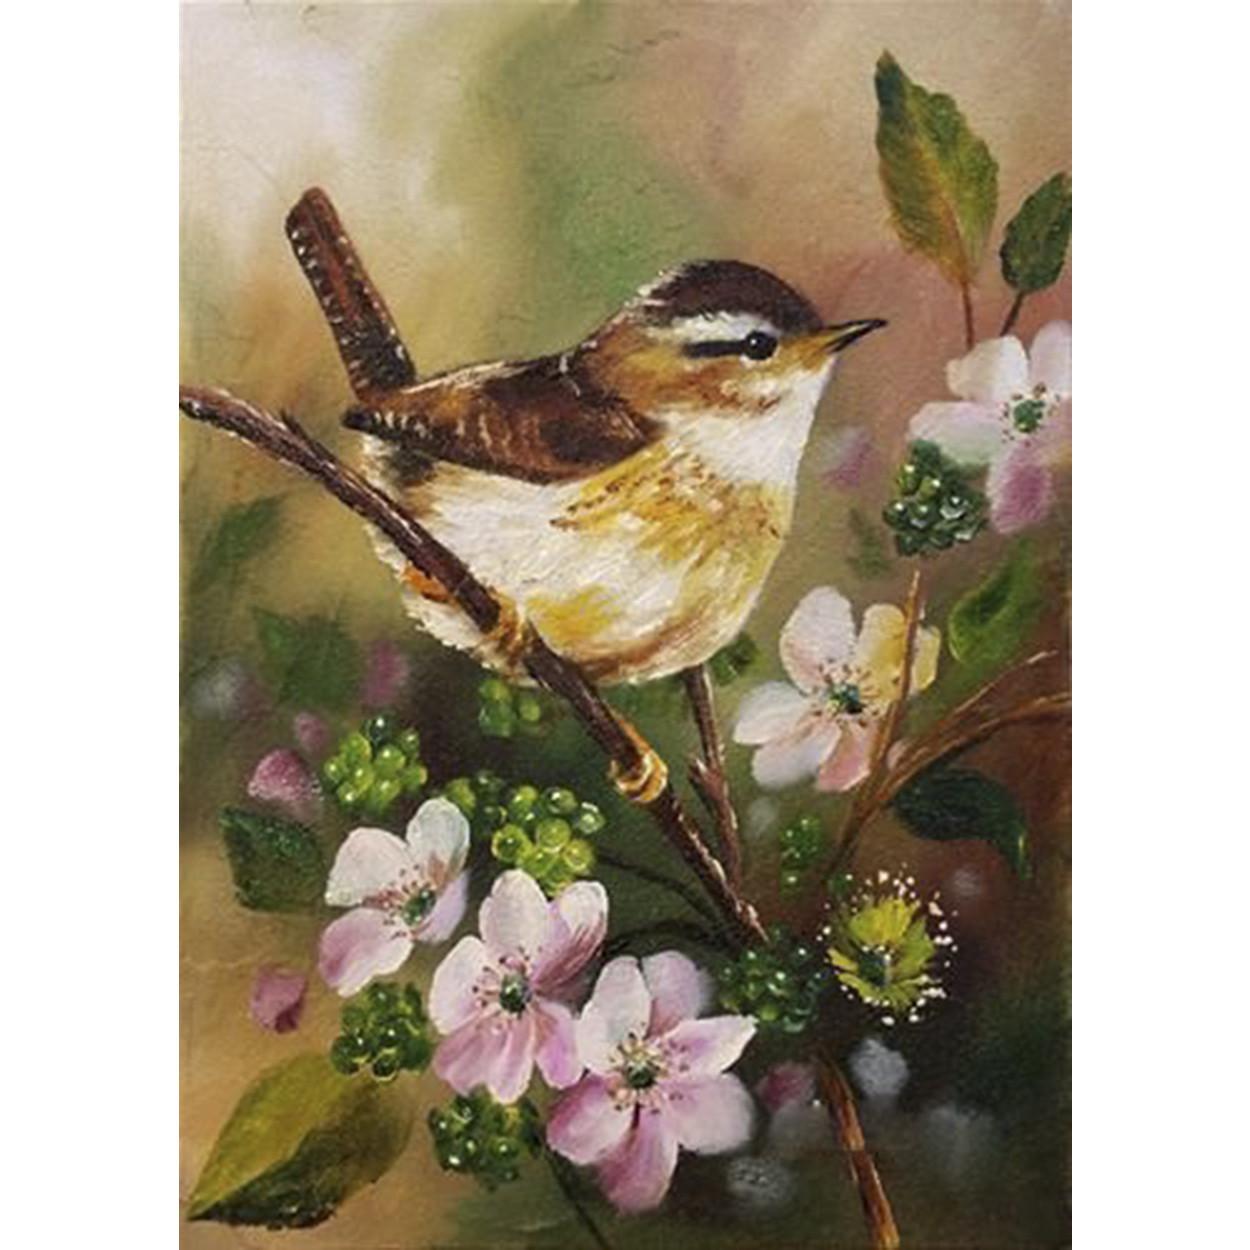 Tranh sơn dầu họa sỹ sáng tác vẽ tay: CHIM BÊN HOA (11)